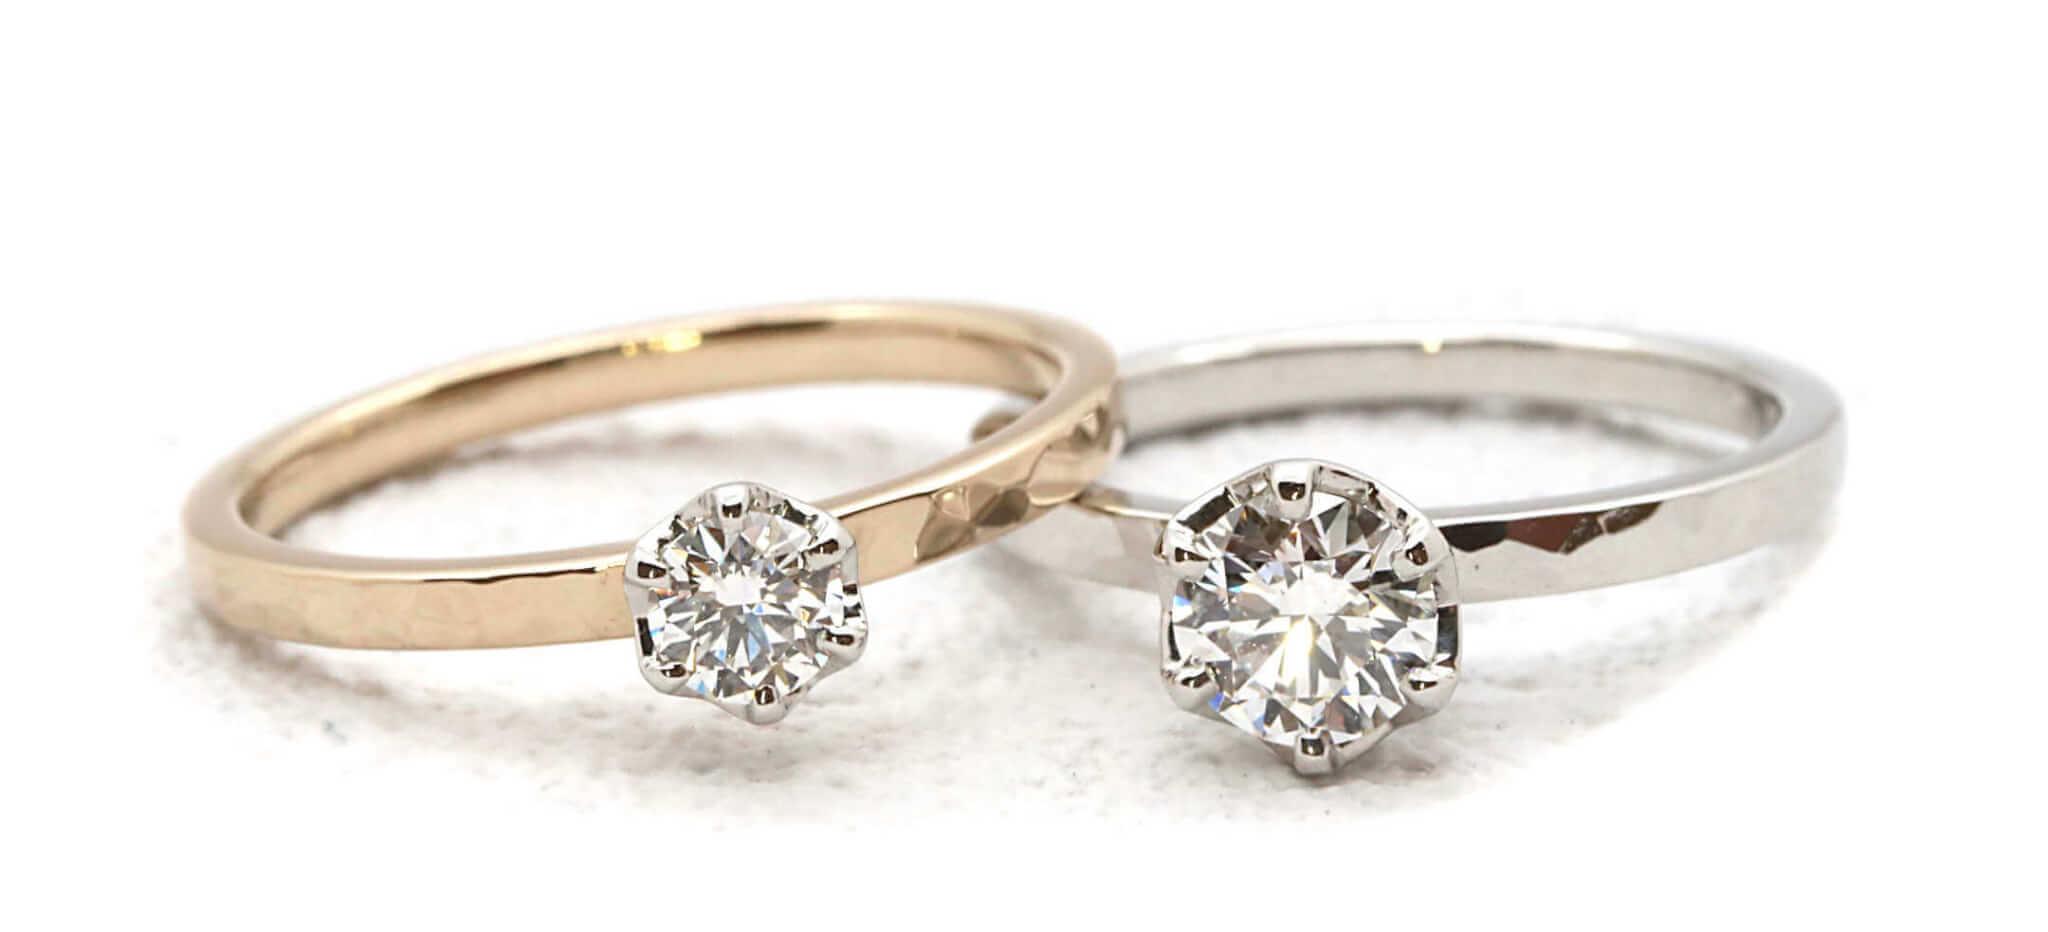 婚約指輪の納期は?どのくらいで手元に届くの?